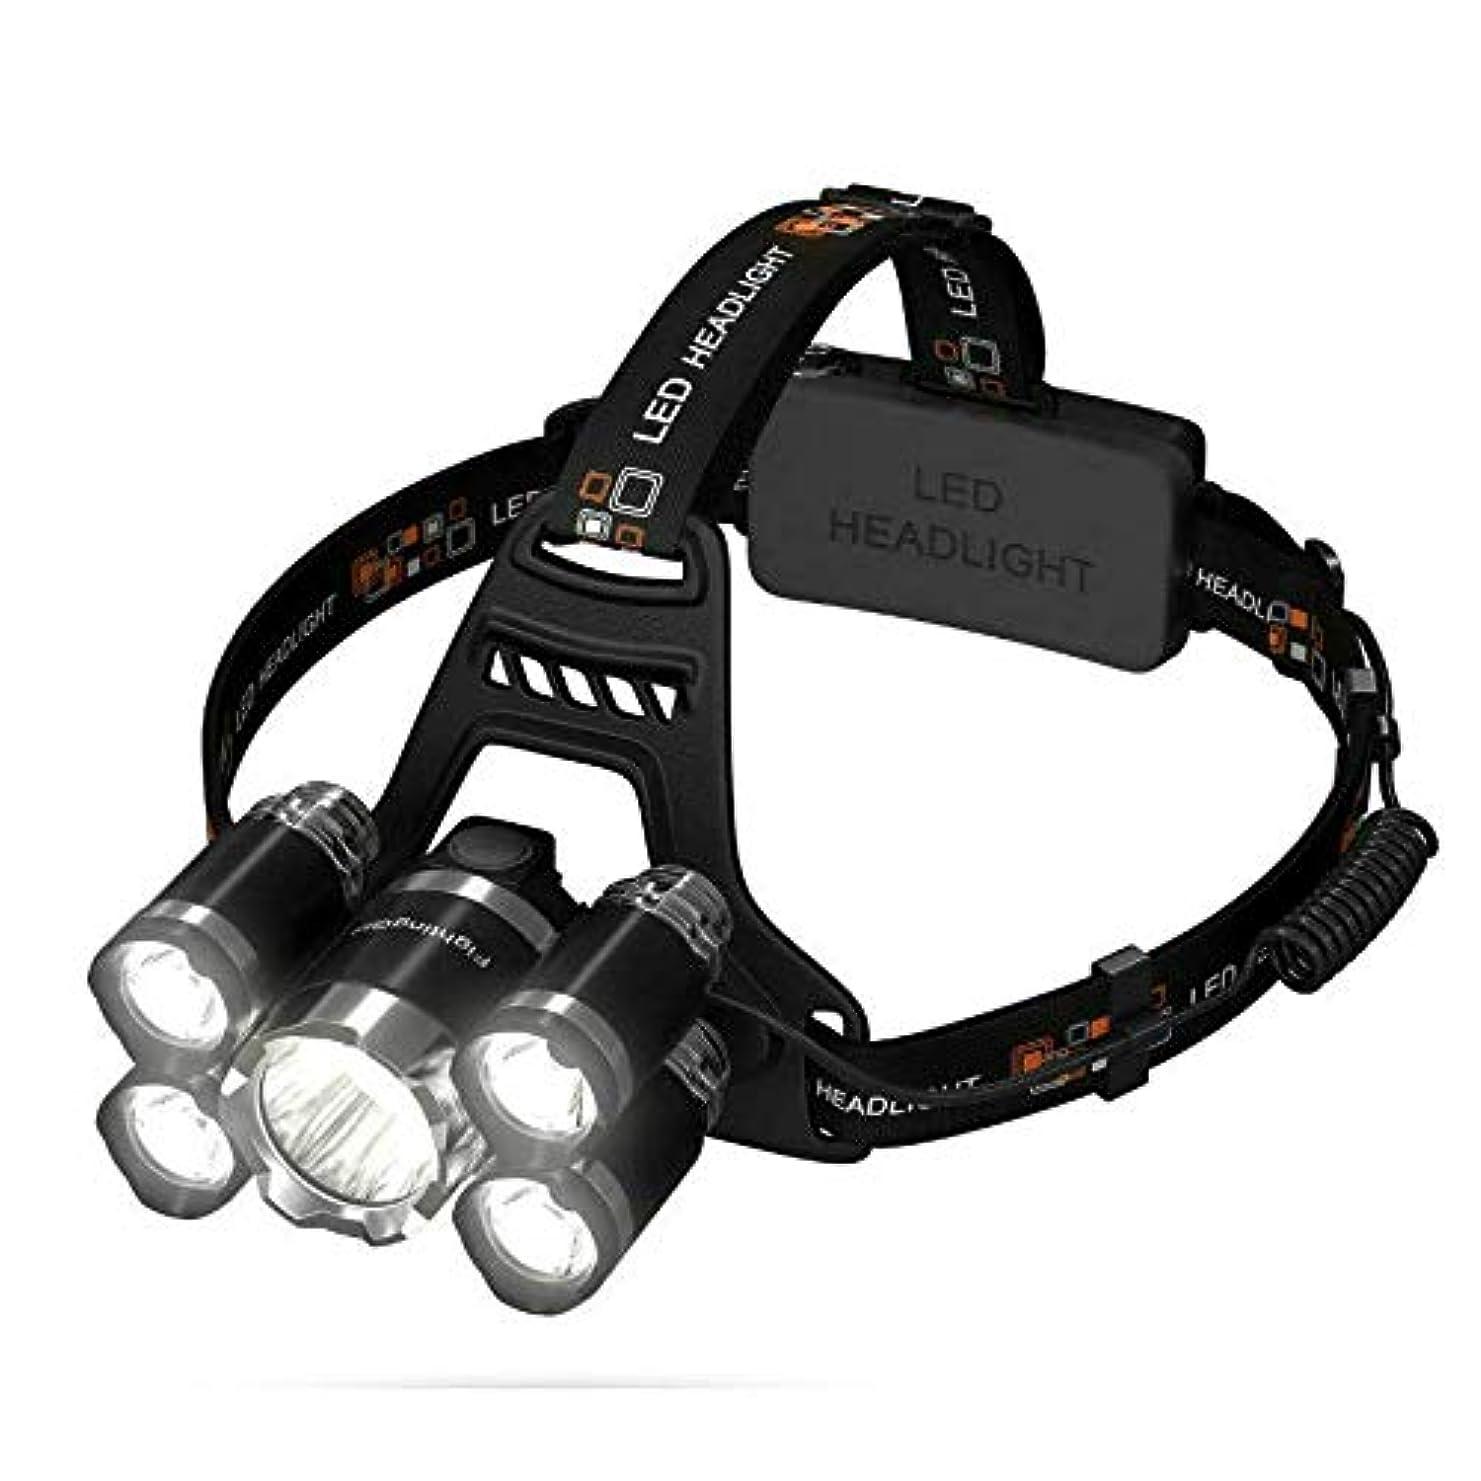 スラム科学潤滑するLED ヘッドライト usb 充電式 ヘッドランプ 高輝度CREE T6 角度調節可能 懐中電灯 防水 4モード点灯 照明 充電式電池付属 アウトドア 作業 夜釣り ランキング キャンプ 登山 防災